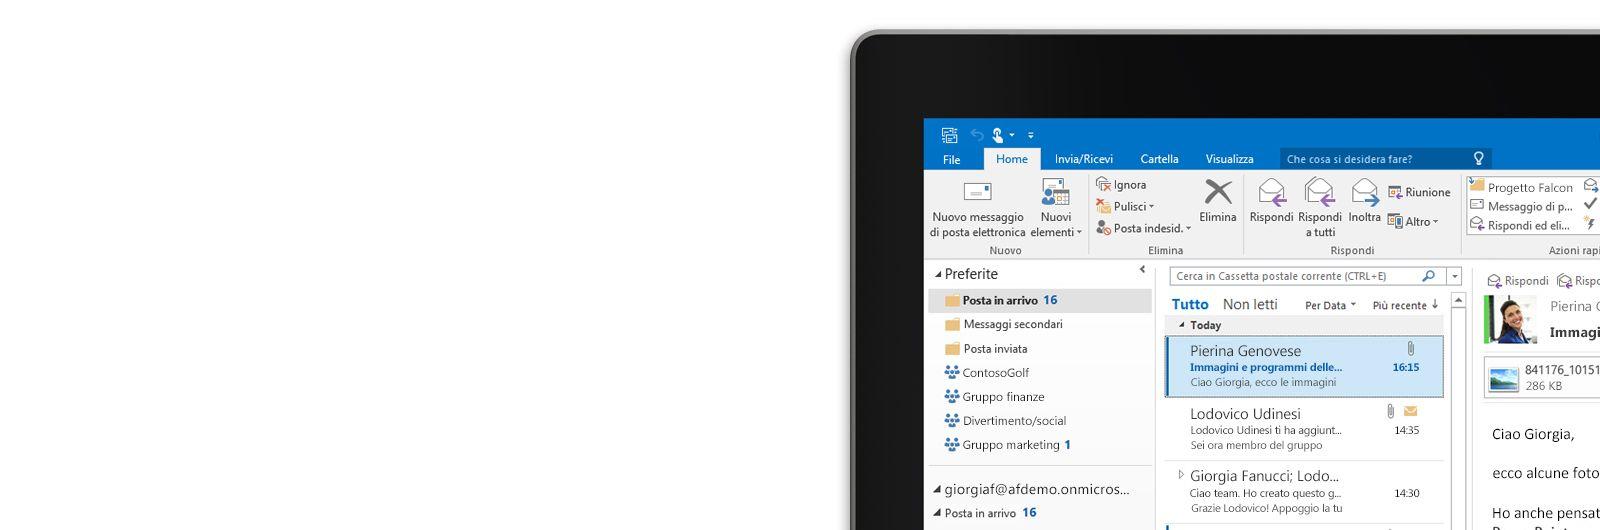 Tablet con la posta in arrivo di Microsoft Outlook 2013 con un elenco di messaggi e l'anteprima.